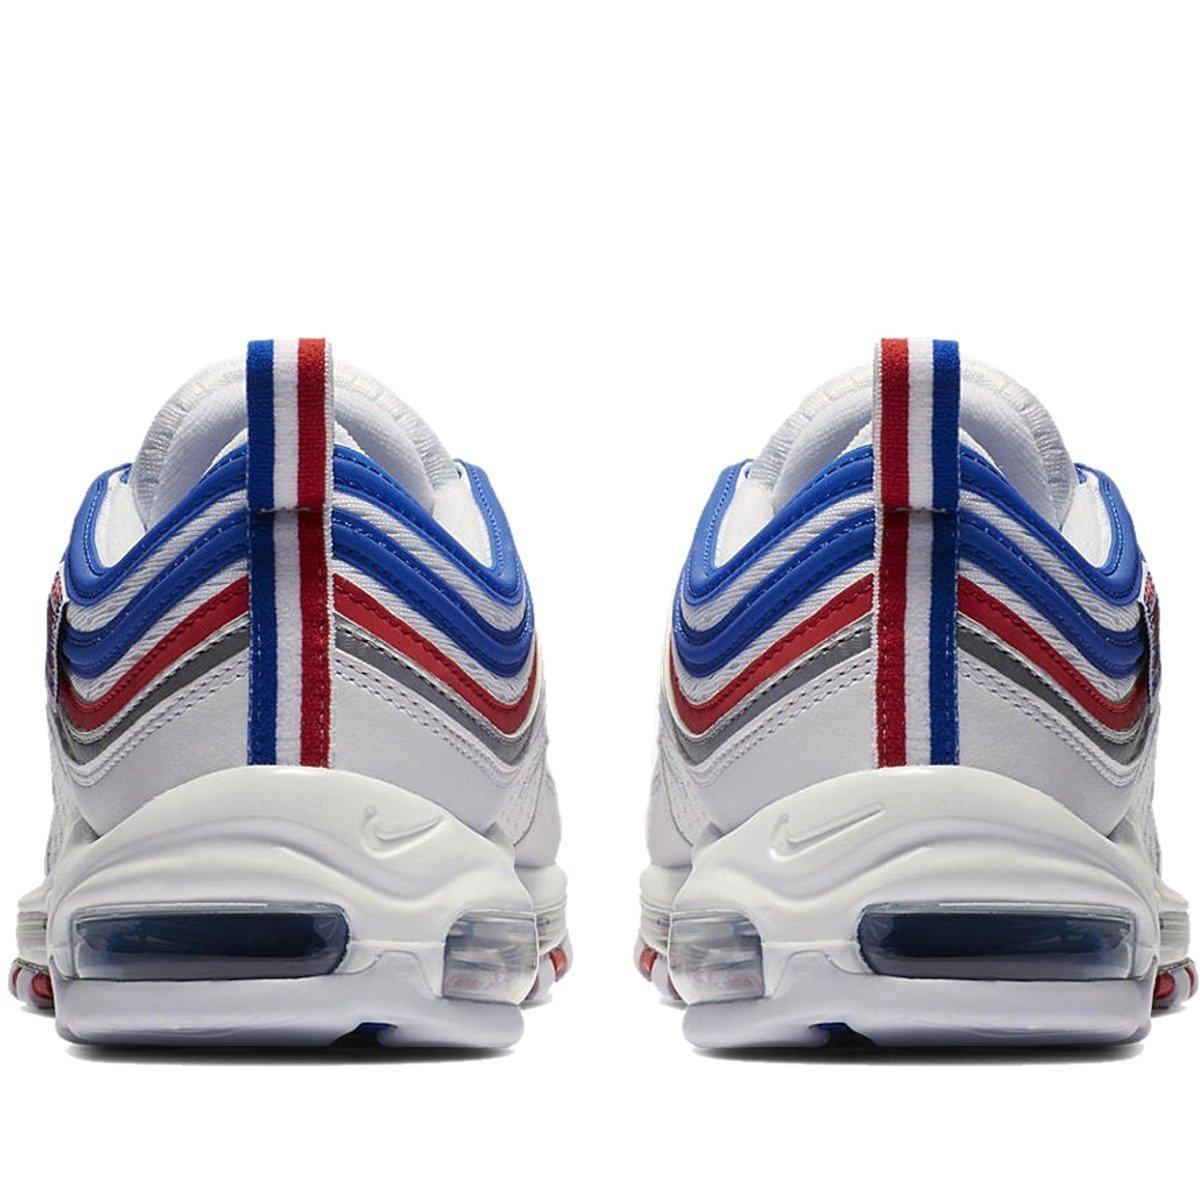 Buty Nike Air Max 97 921826 404 Basketo.pl